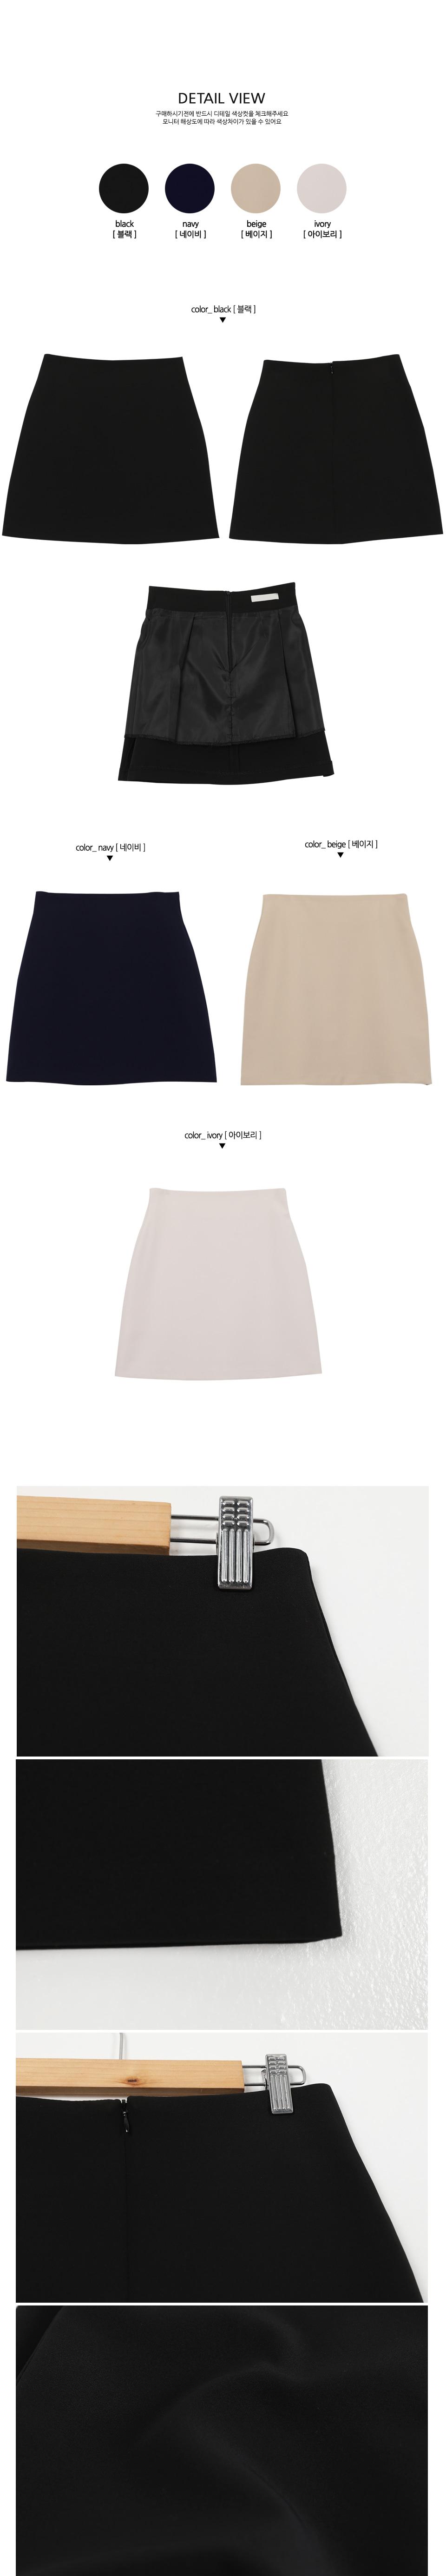 Shabeth high mini skirt